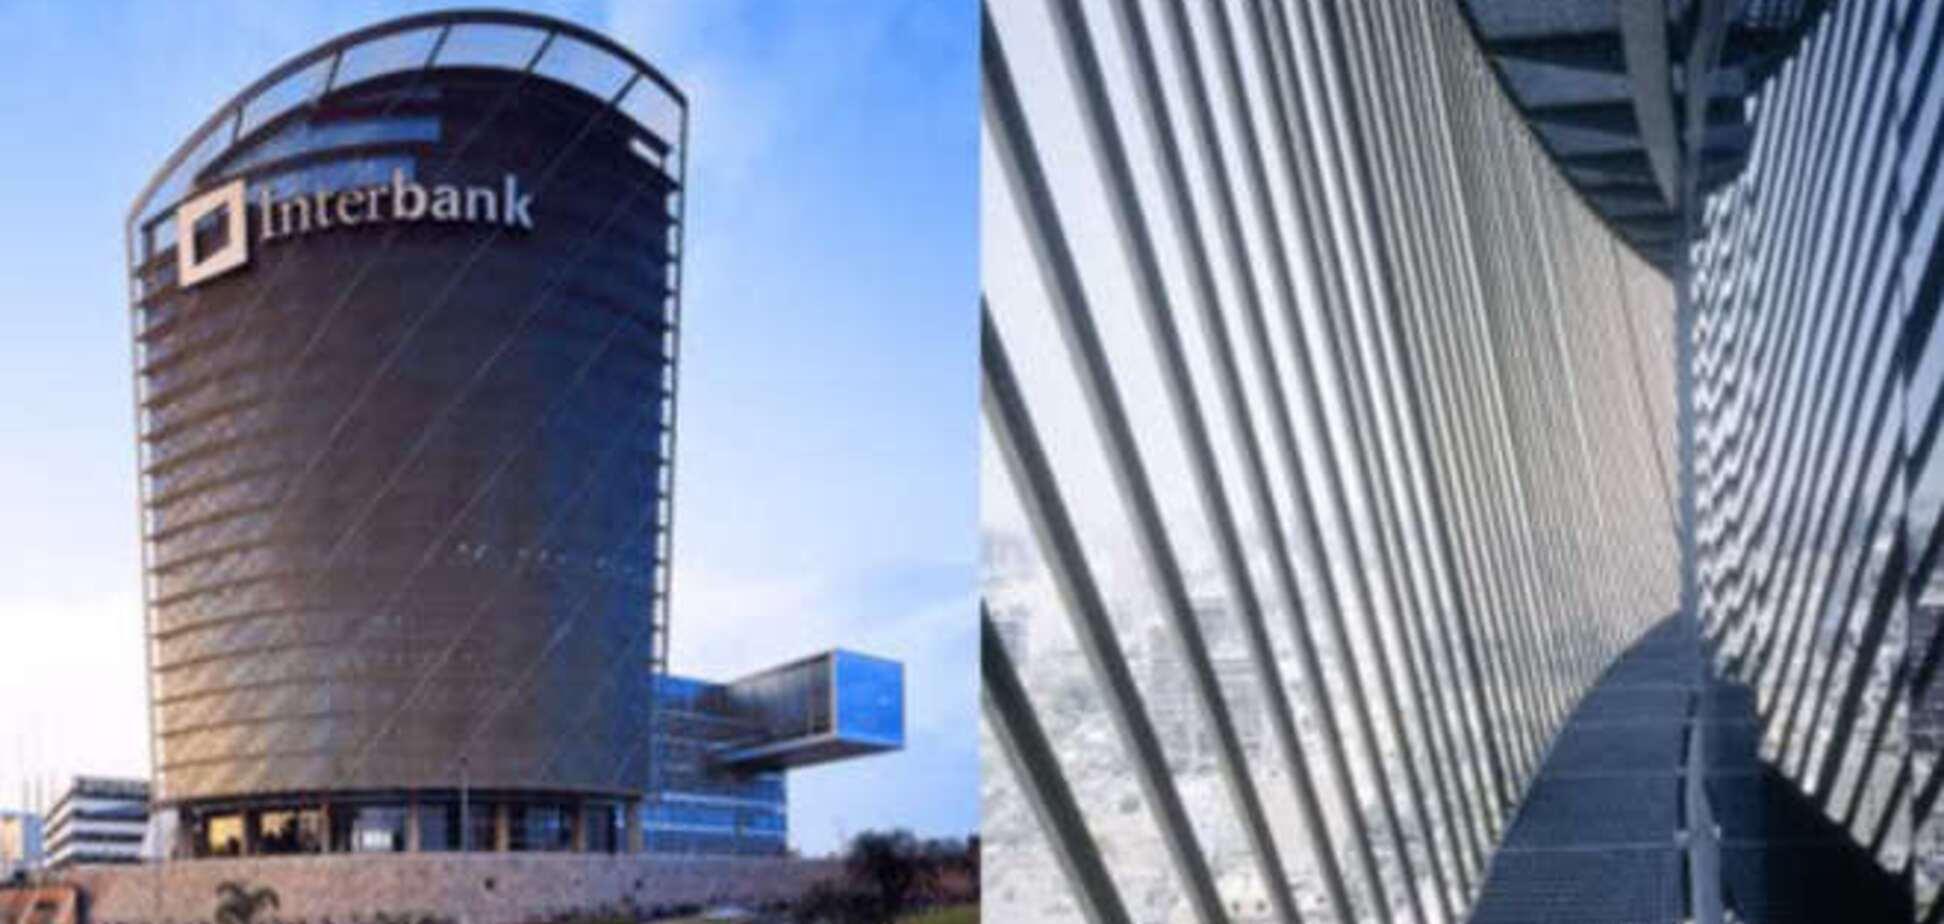 Фонд гарантирования вкладов объявил конкурс для инвесторов Интербанка